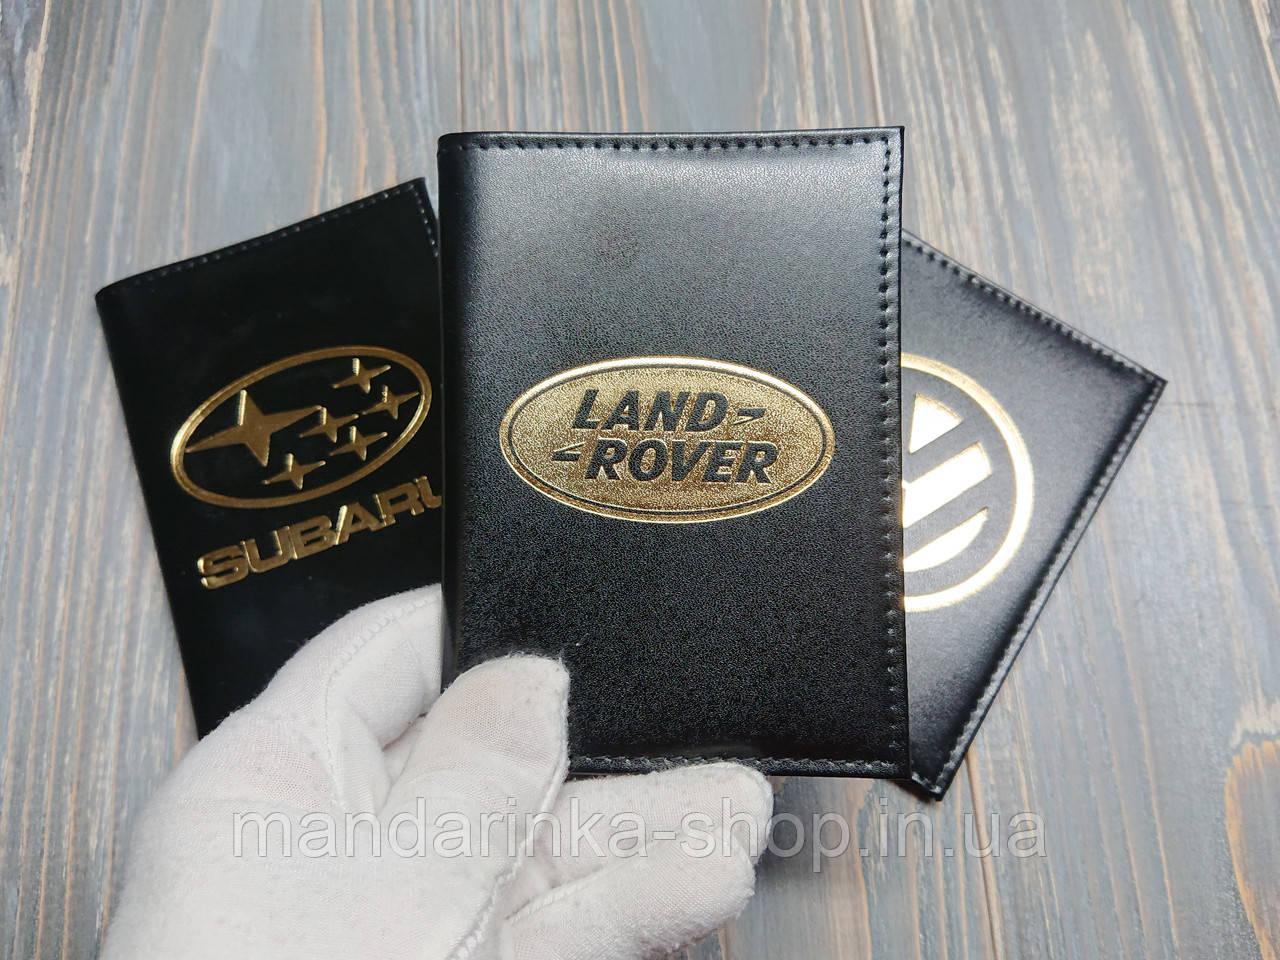 Кожаная обложка для автодокументов с логотипом Land Rover, для прав старого и нового образца